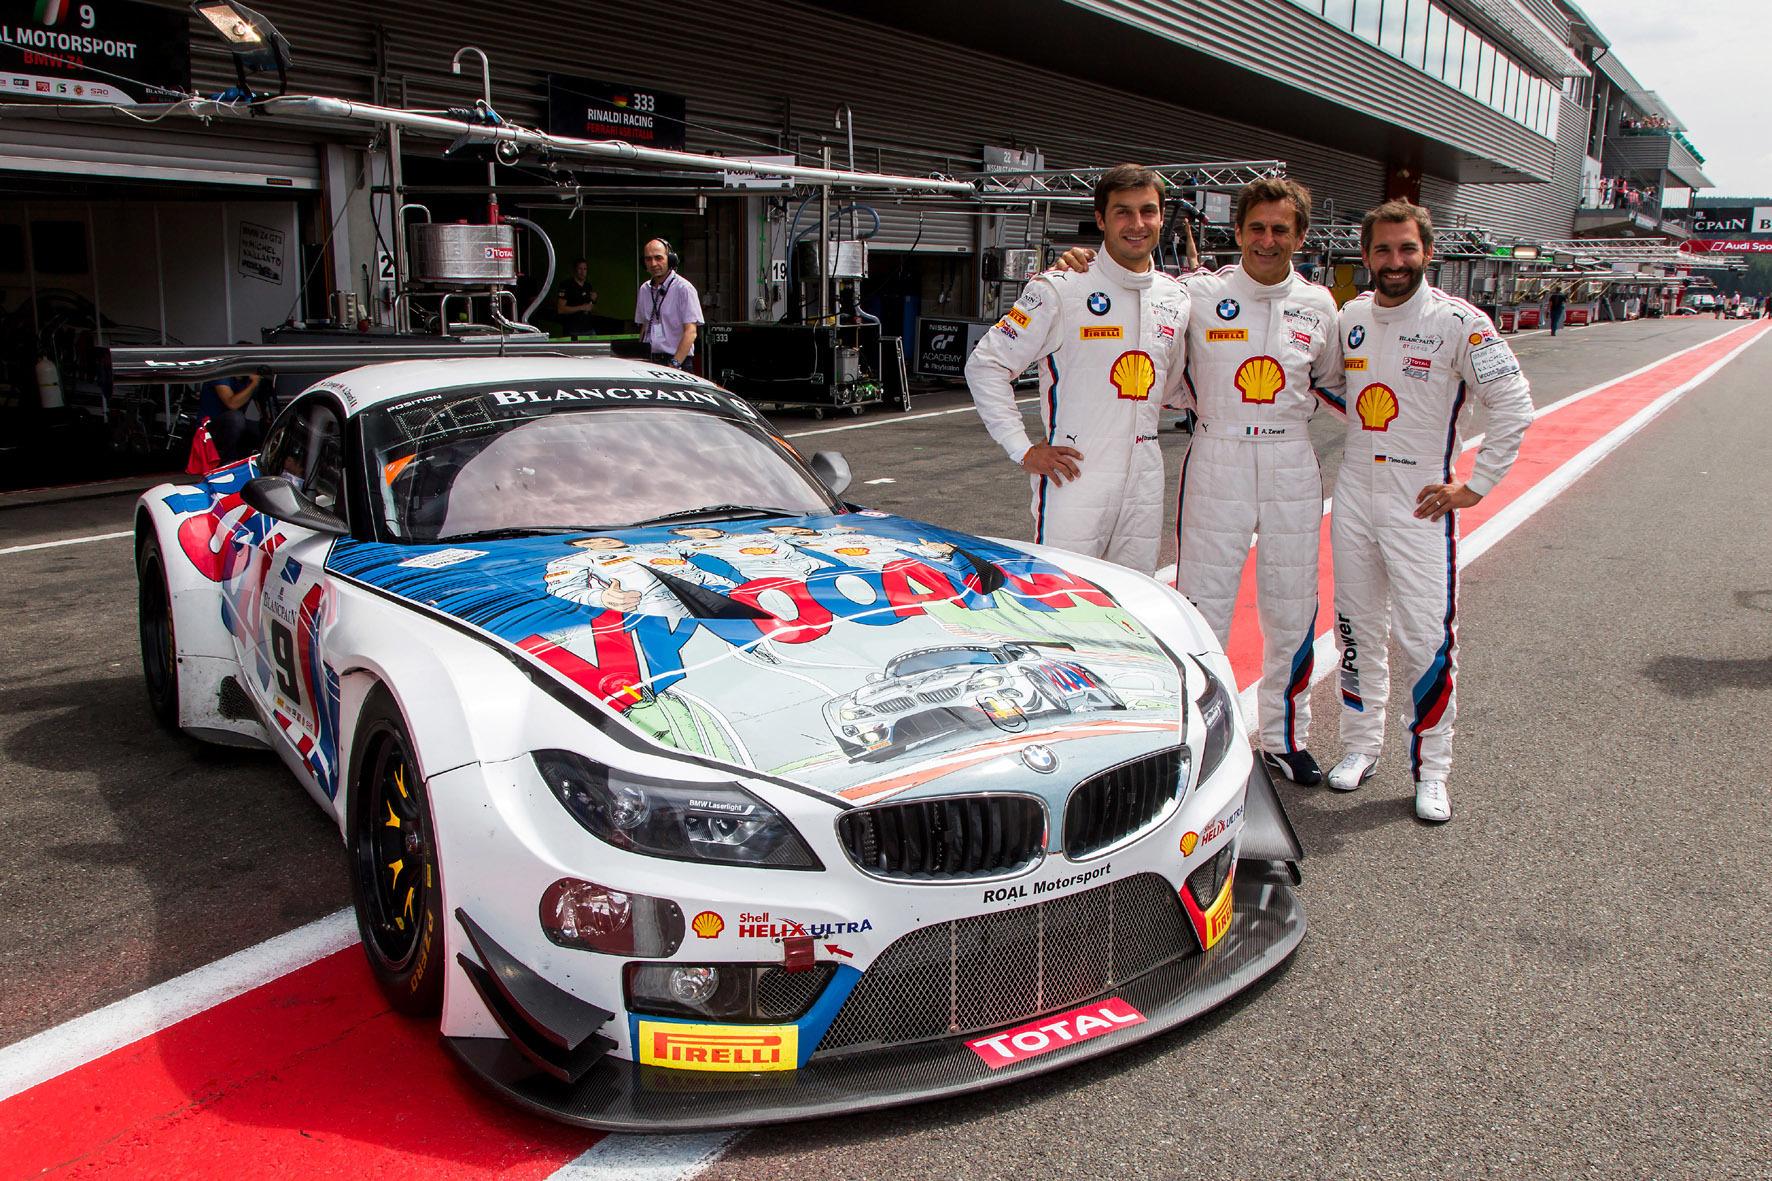 mid Düsseldorf - Konkurrentfähig, aber mit einem Motorschaden letztlich glücklos: das Fahrer-Trio Alessandro Zanardi, Timo Glock und Bruno Spengler vor dem 24-Stunden-Rennen im belgischen Spa.